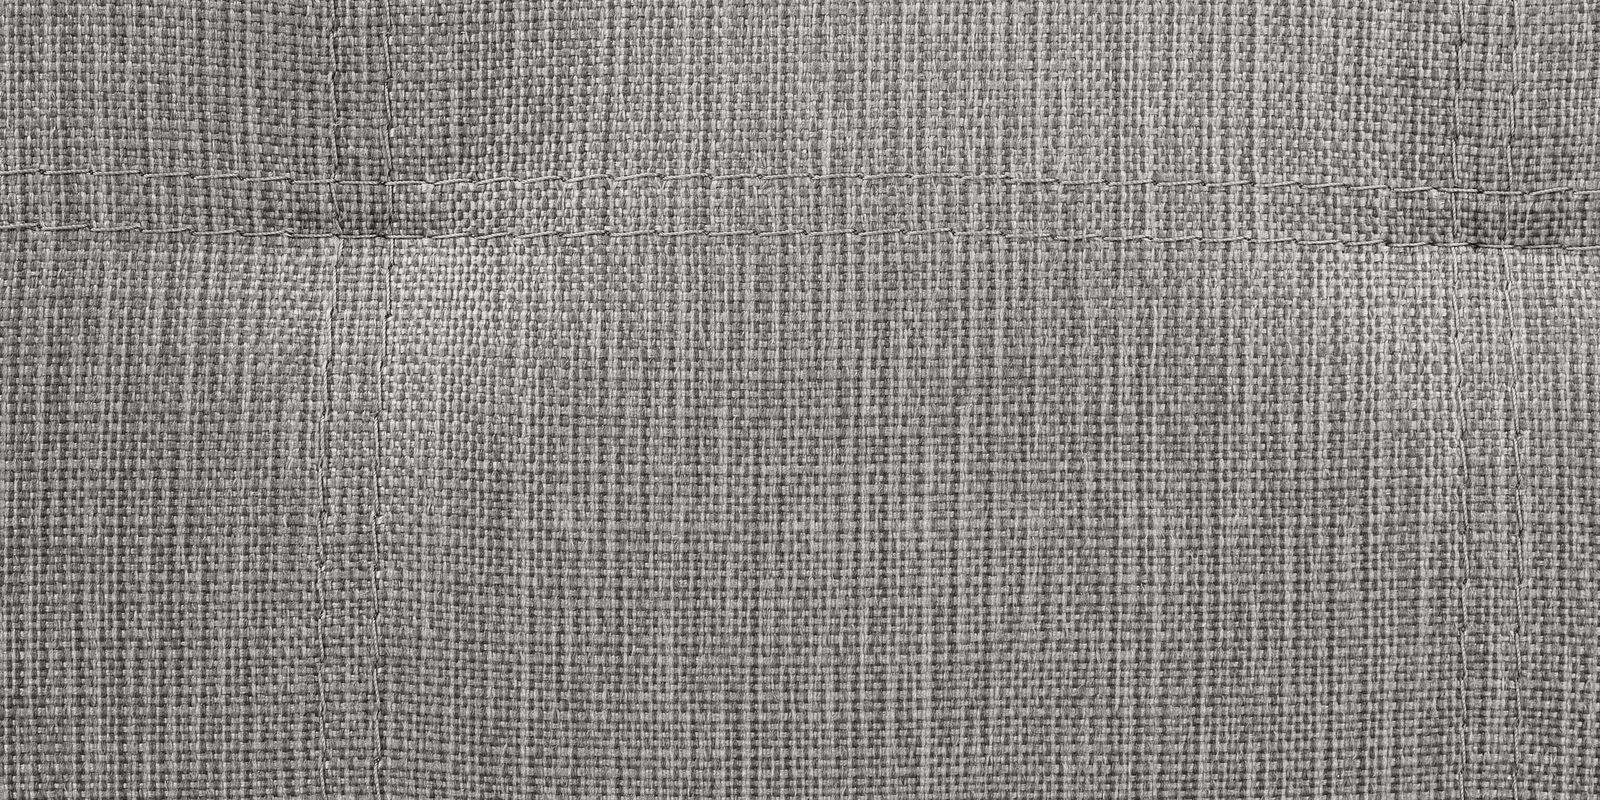 Угловой диван Атланта рогожка серого цвета фото 9 | интернет-магазин Складно